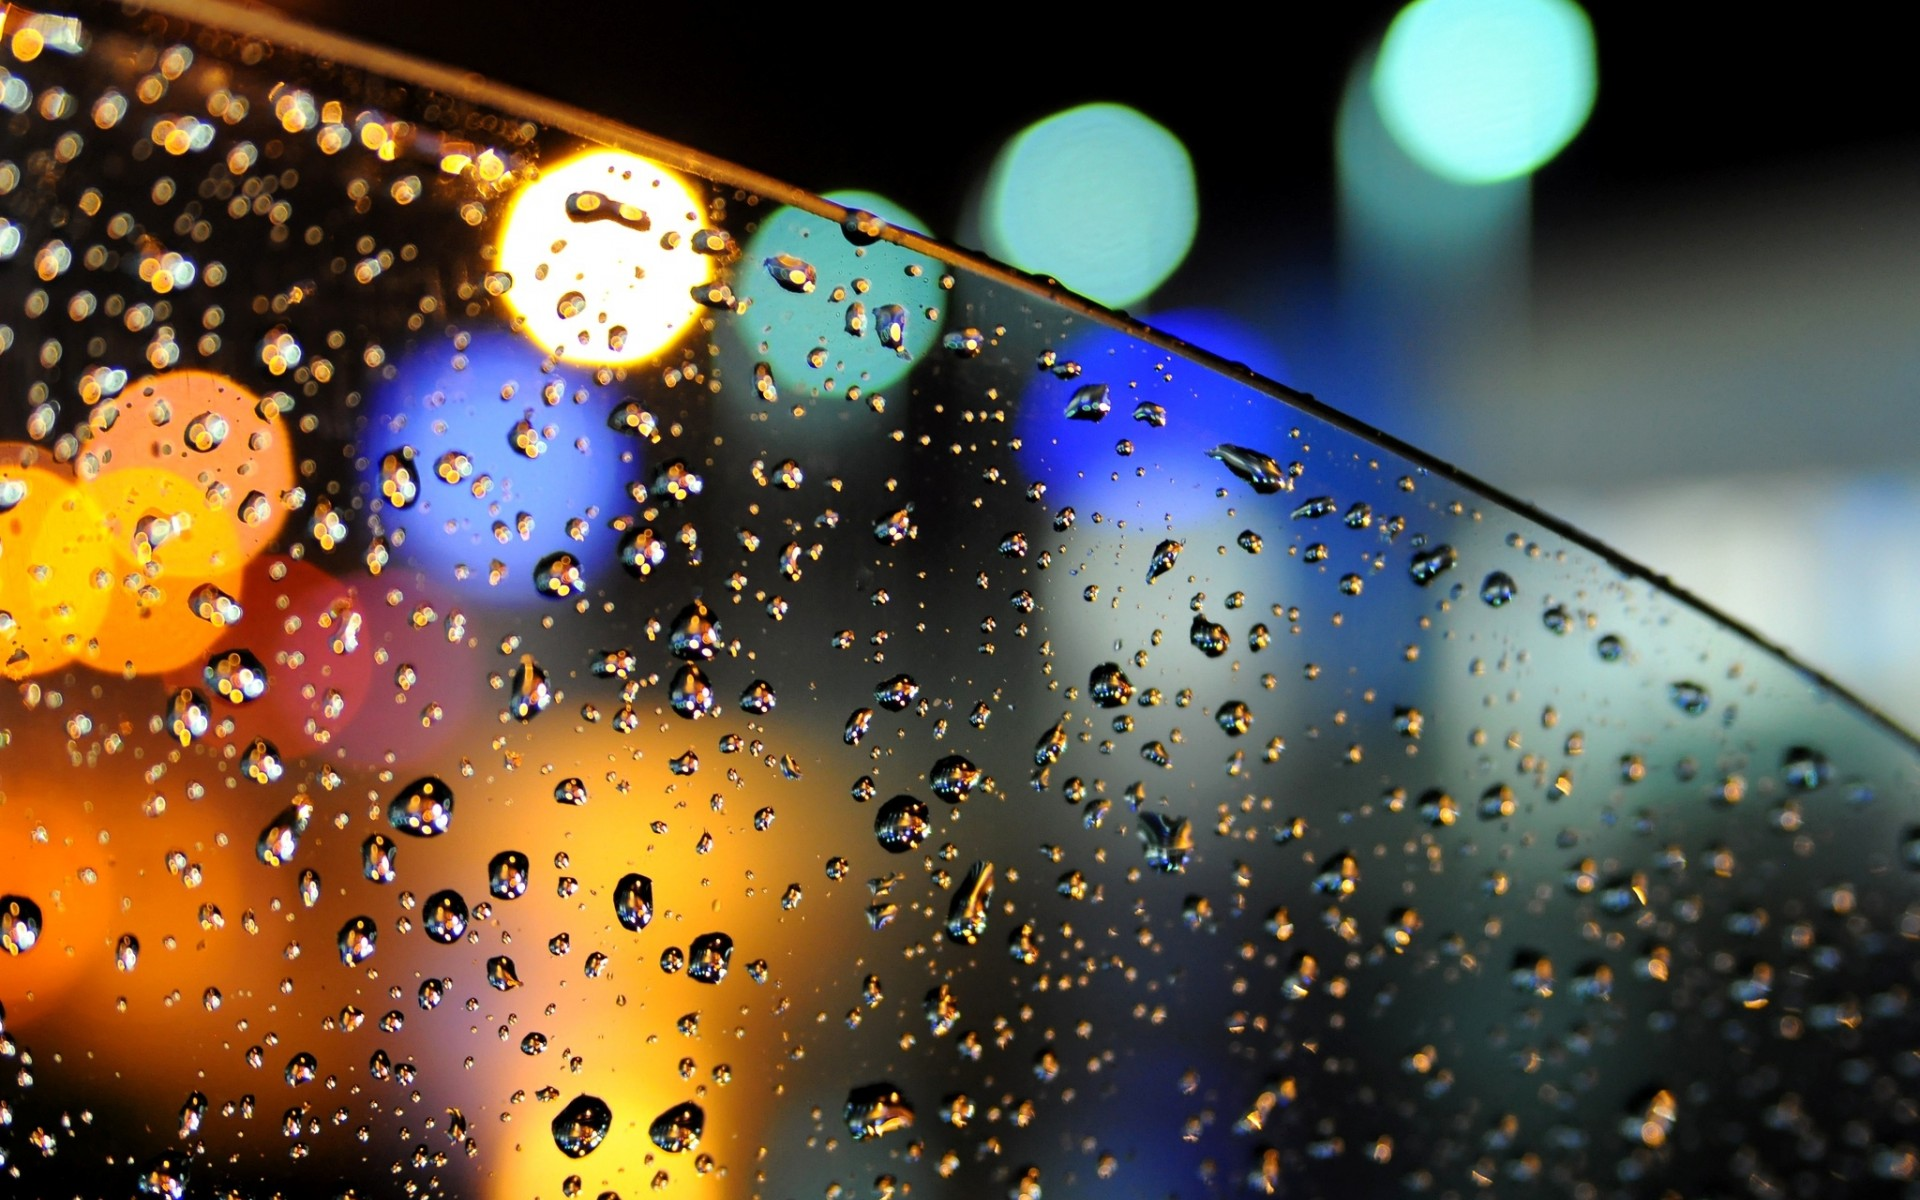 raindrops on glass desktop wallpaper